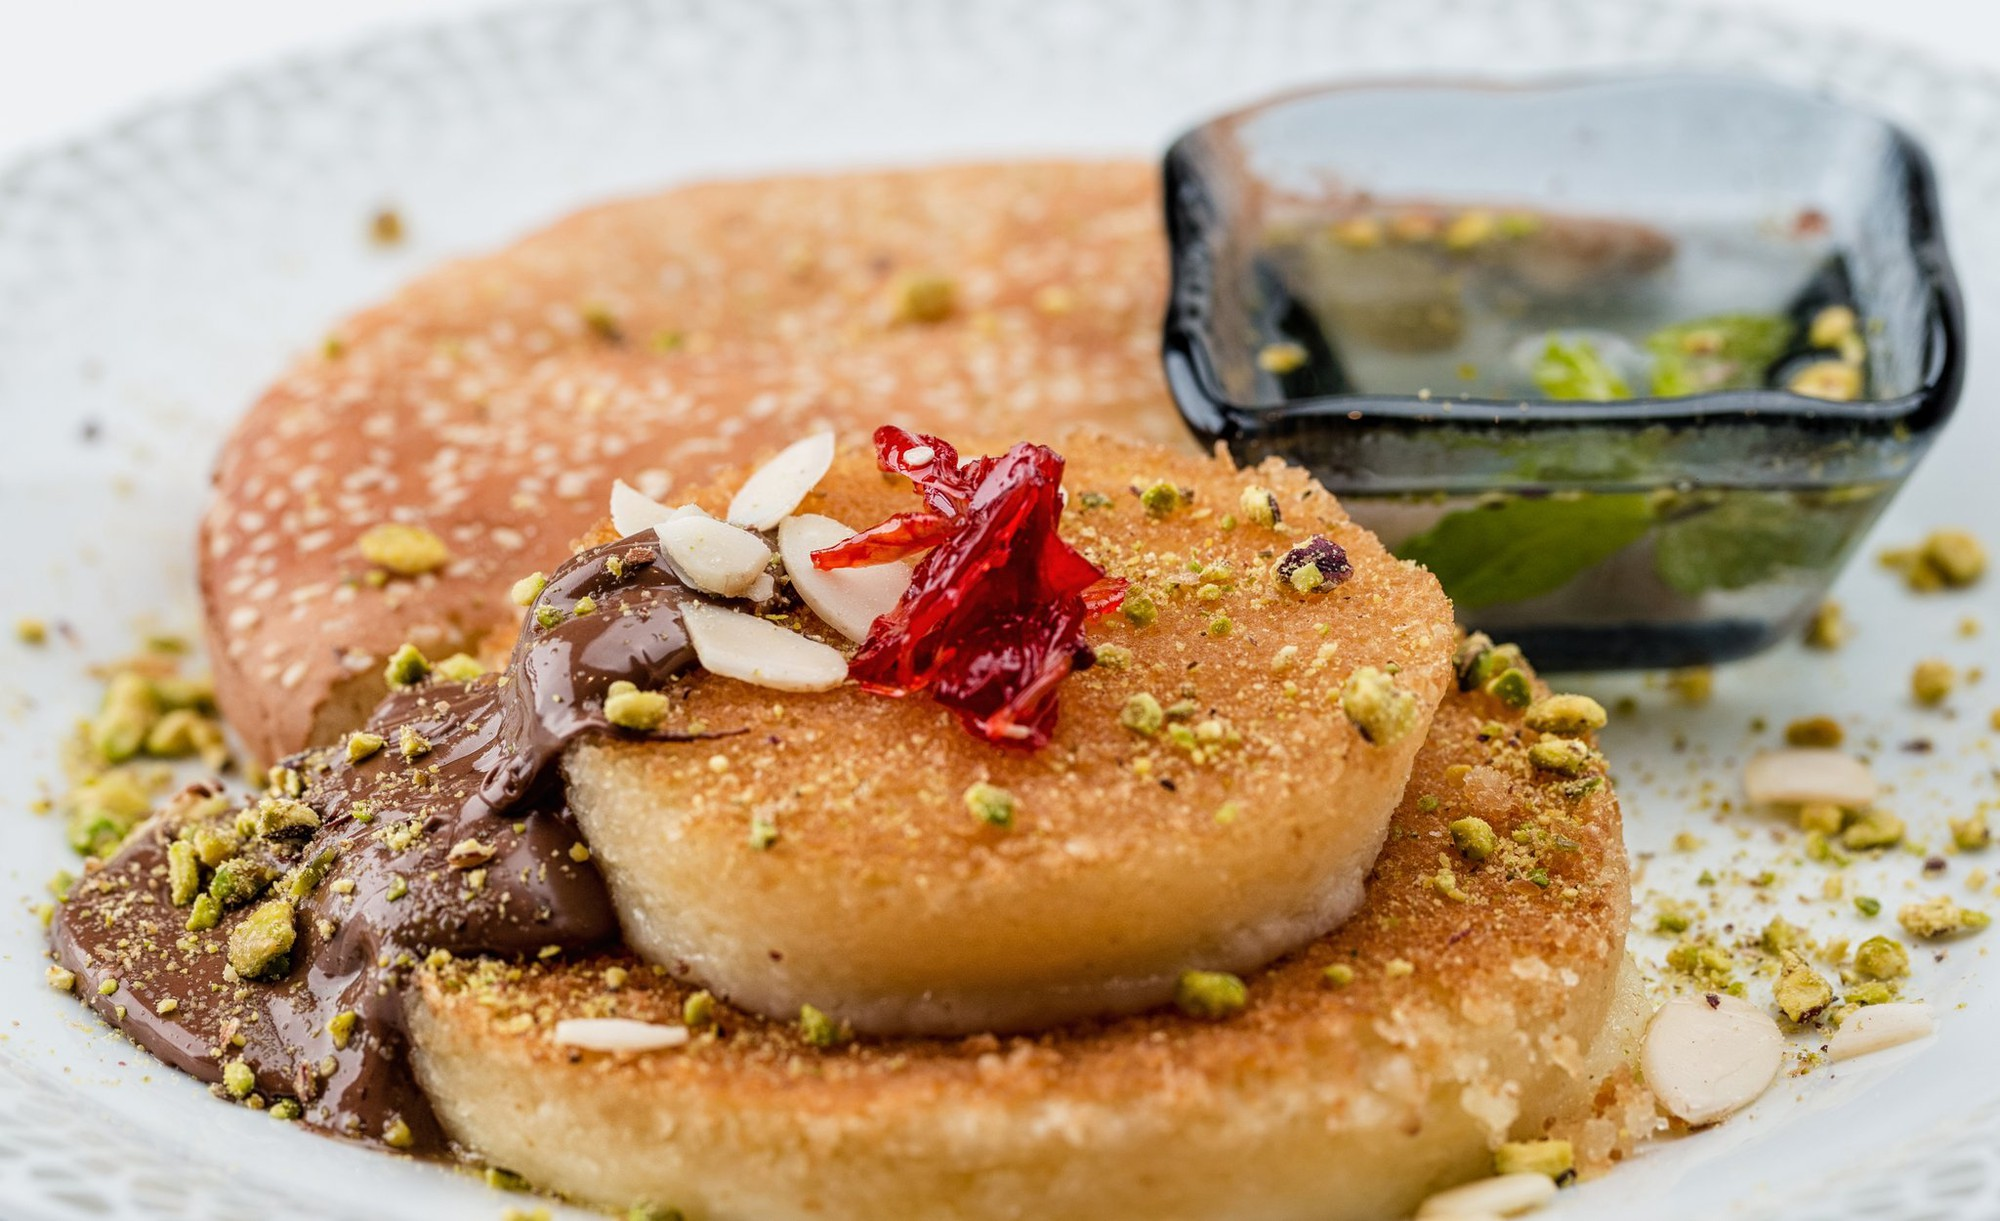 Những món ăn nổi bật ở đất nước có nền văn hóa bí ẩn nhất thế giới - Ảnh 7.